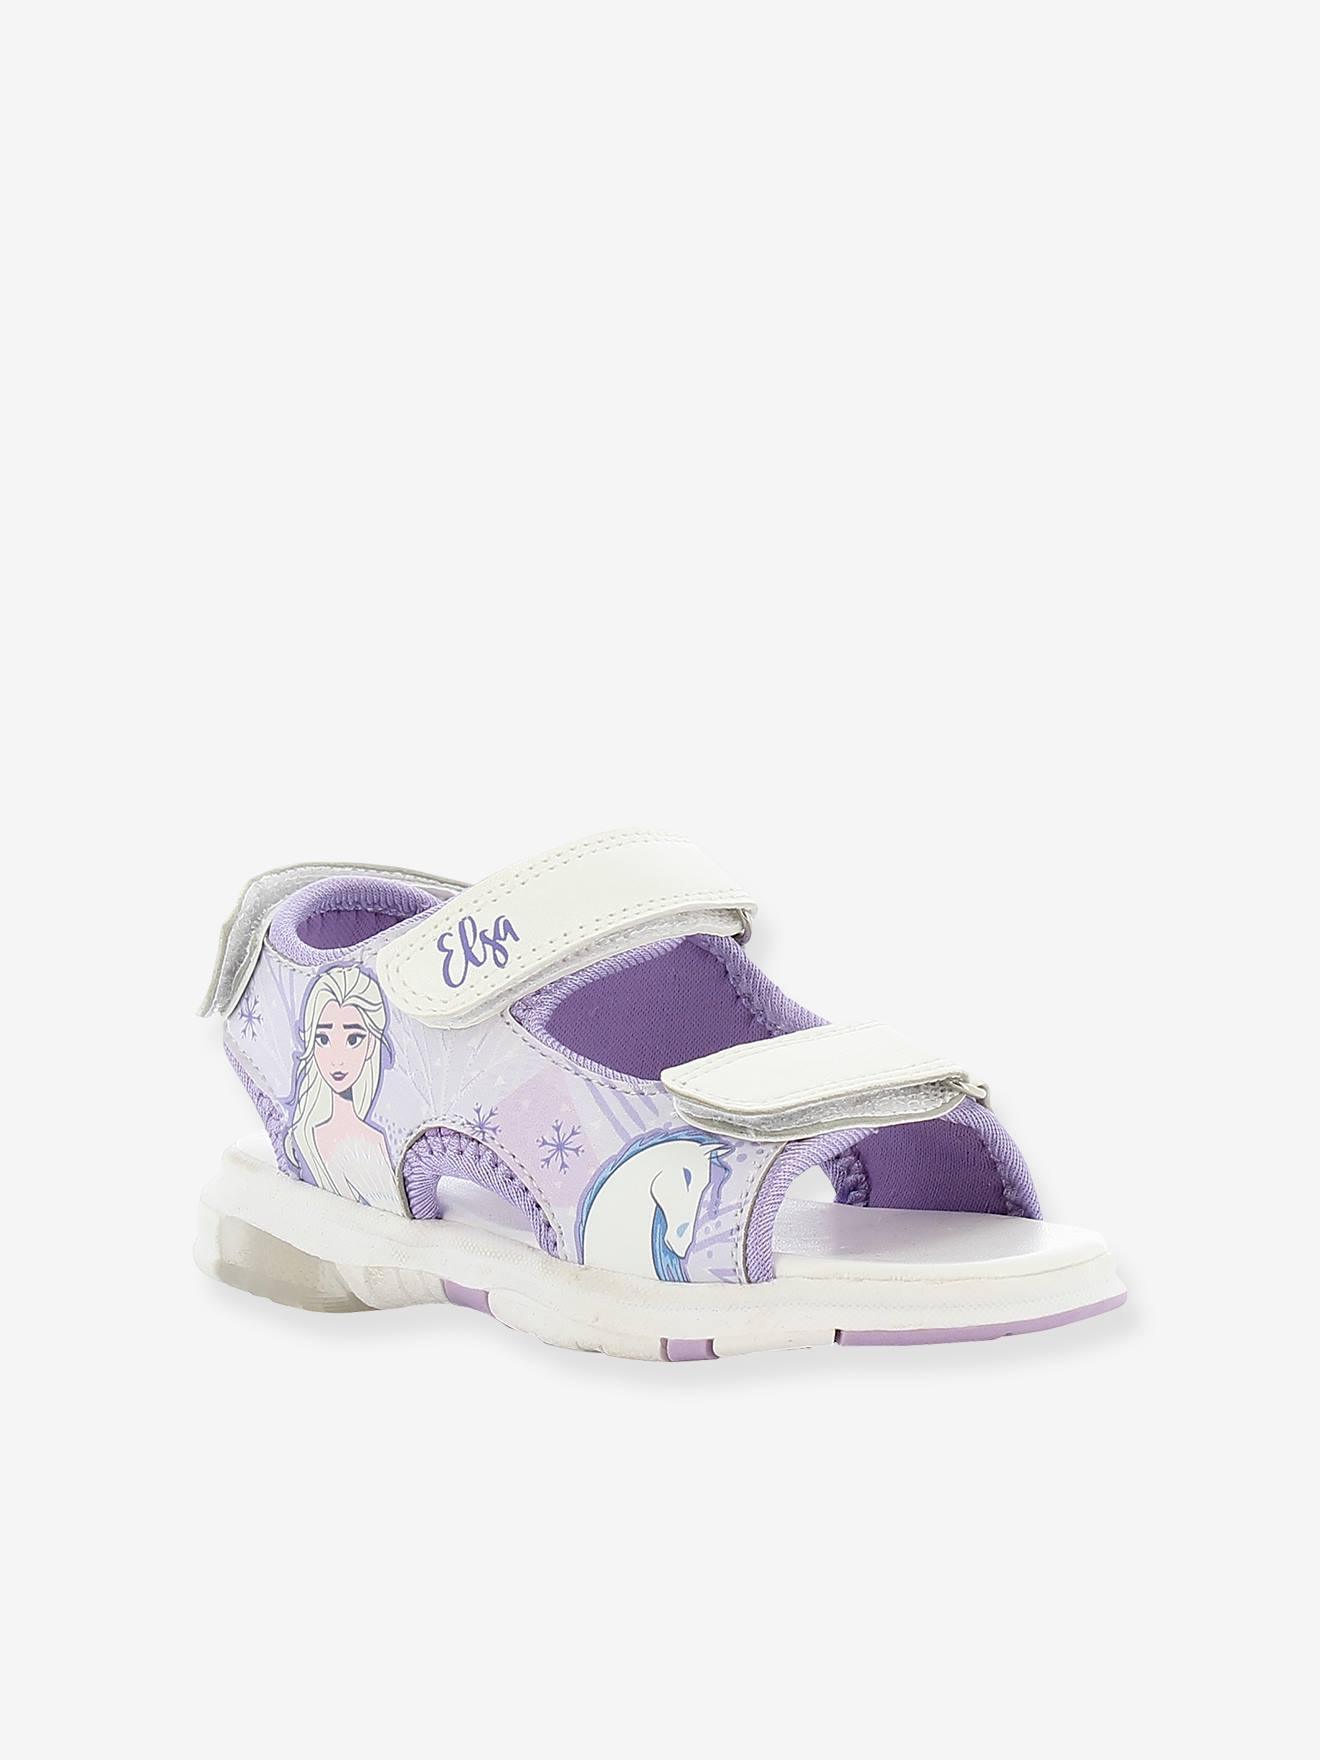 Sandales avec semelle lumineuse Reine des Neiges 2 violet clair avec décor